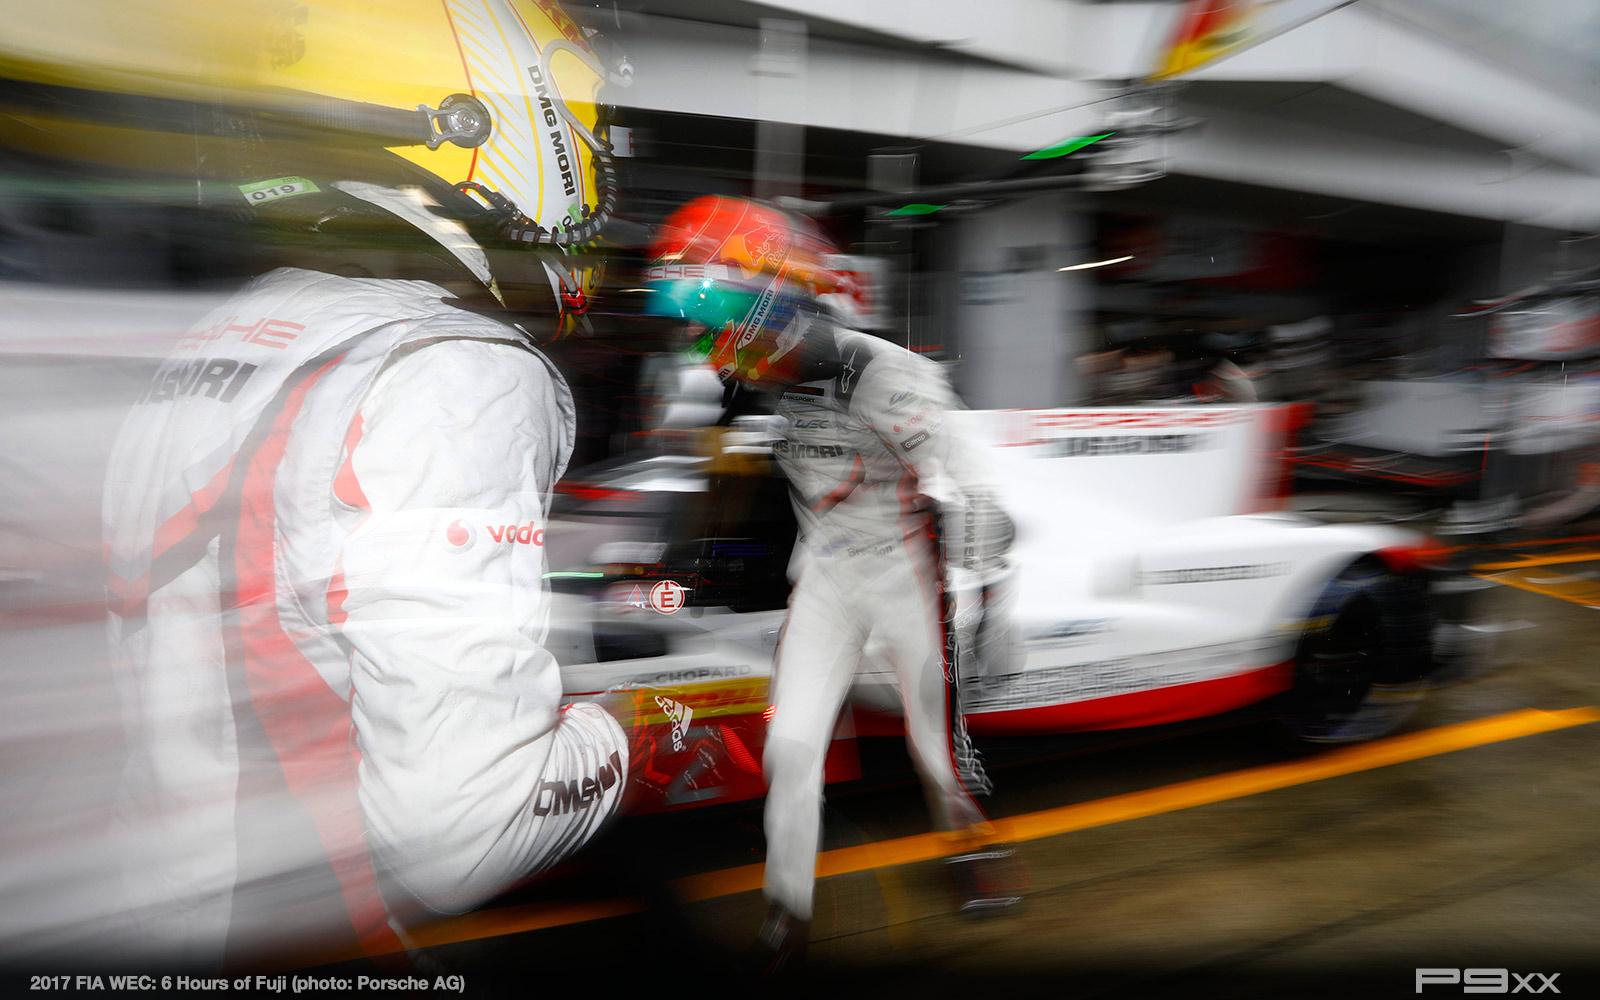 2017-FIA-WEC-6h-of-Fuji-Porsche-417